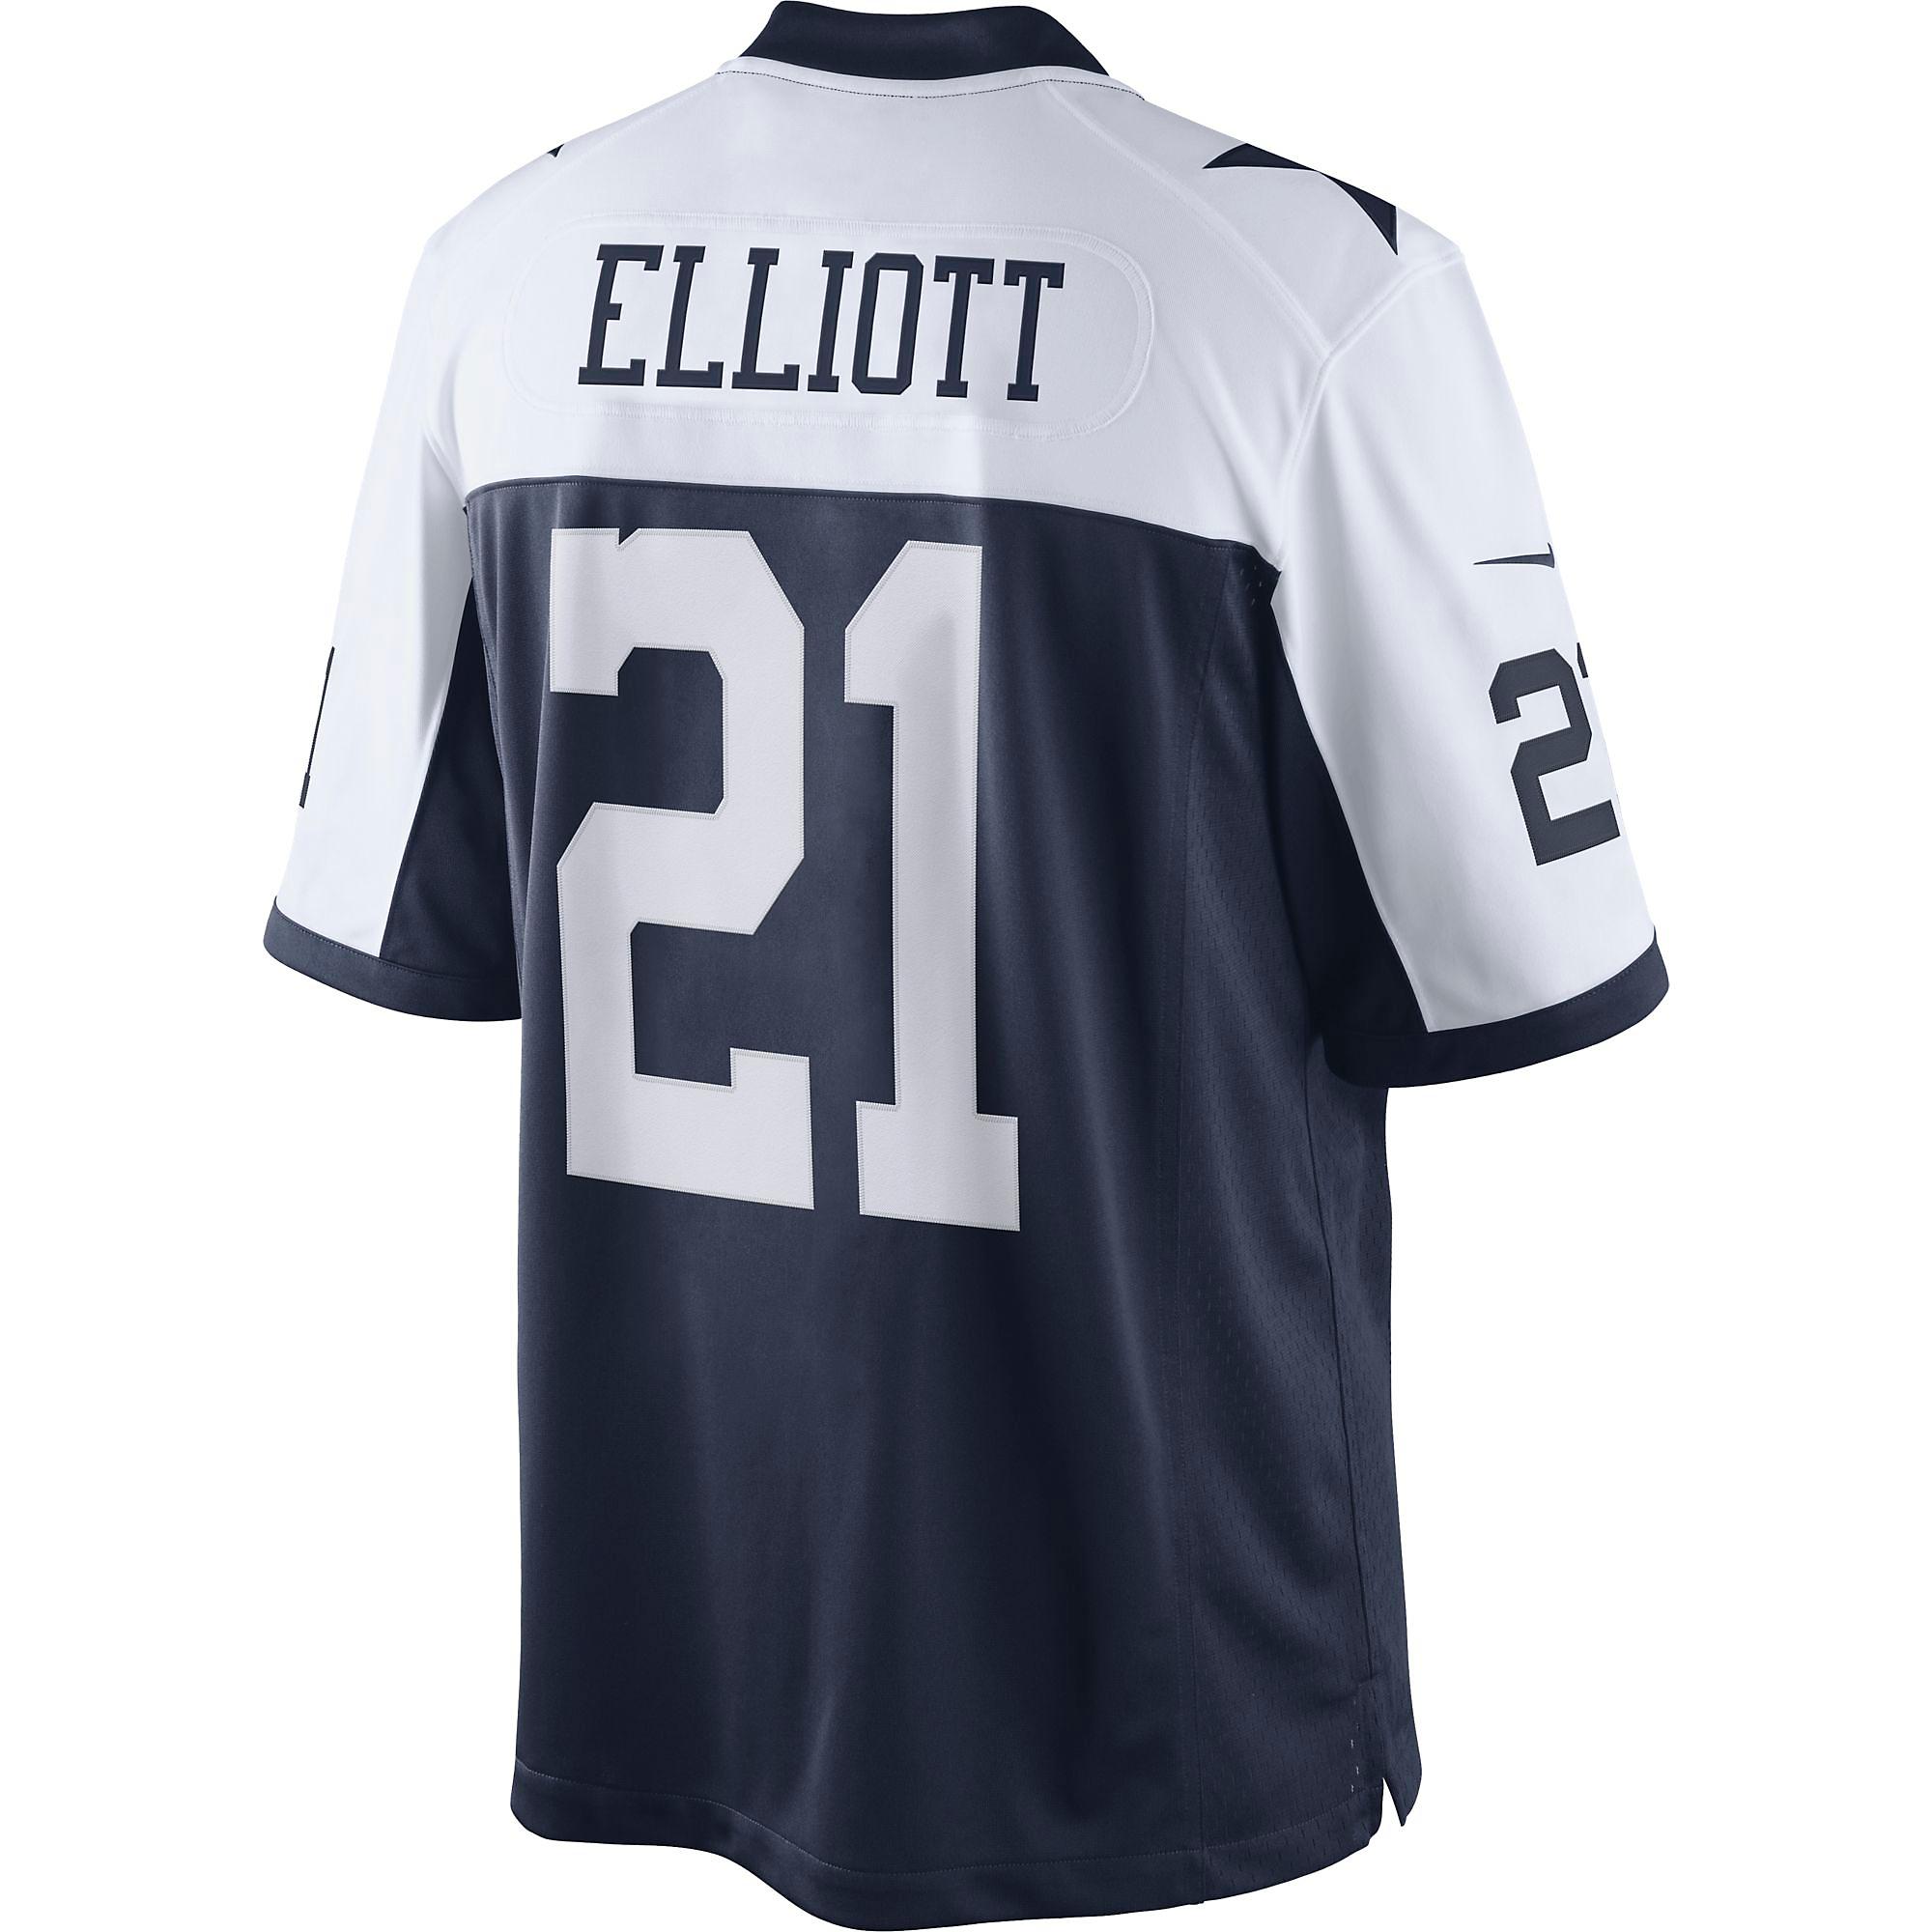 buy online db546 26dfa Dallas Cowboys Ezekiel Elliott #21 Nike Throwback Limited ...